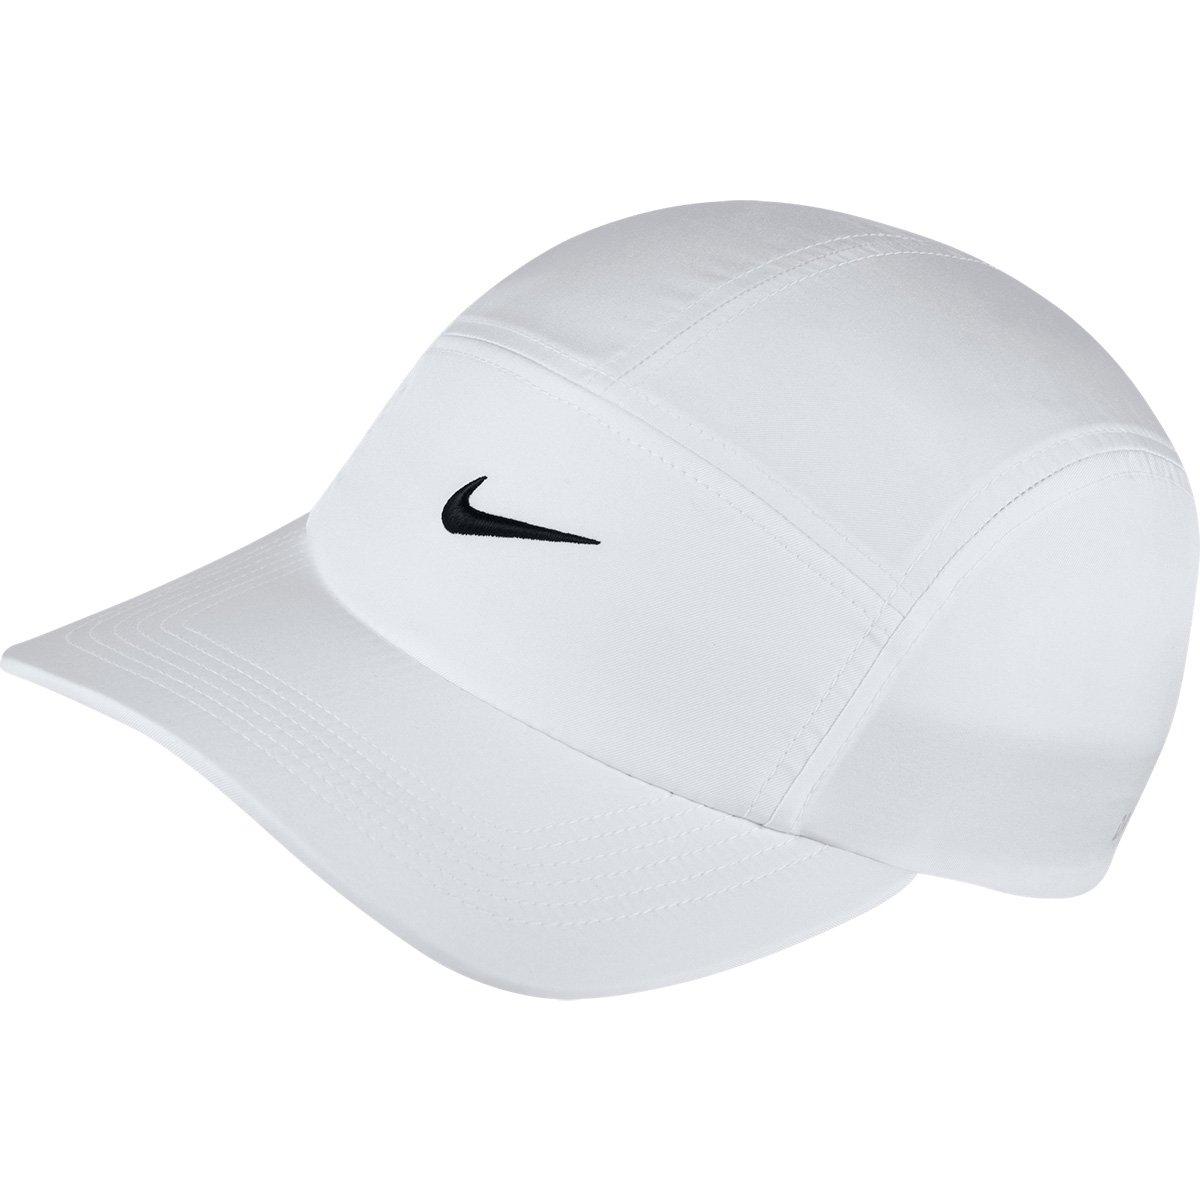 Boné Nike Aba Curva Aw84 Core - Branco e Preto - Compre Agora  9dd635d2c98d6